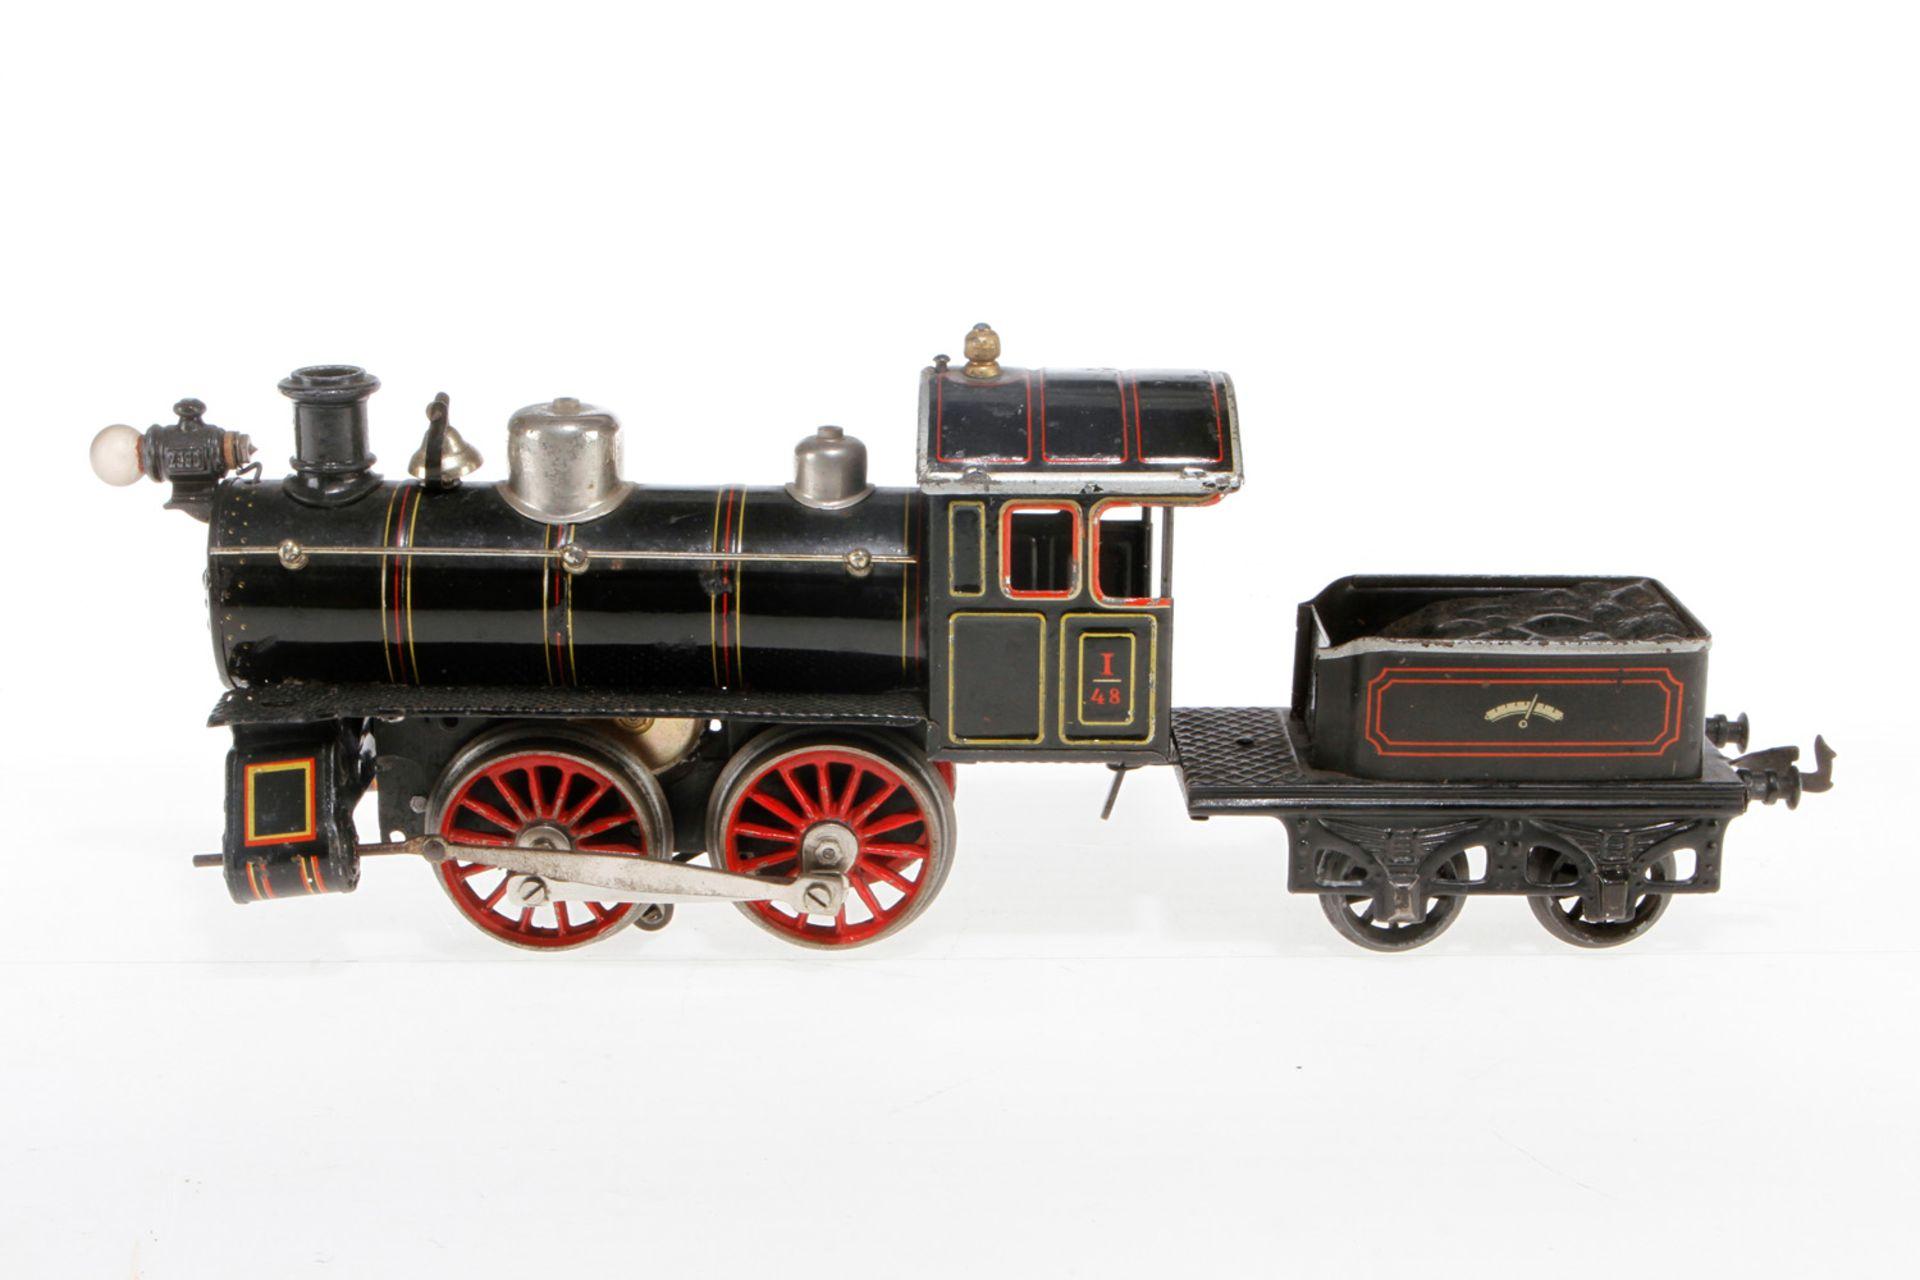 Bing amerik. B-Dampflok, S 1, uralt, elektr., schwarz, mit Tender, Glocke und el. bel. Stirnlampe,